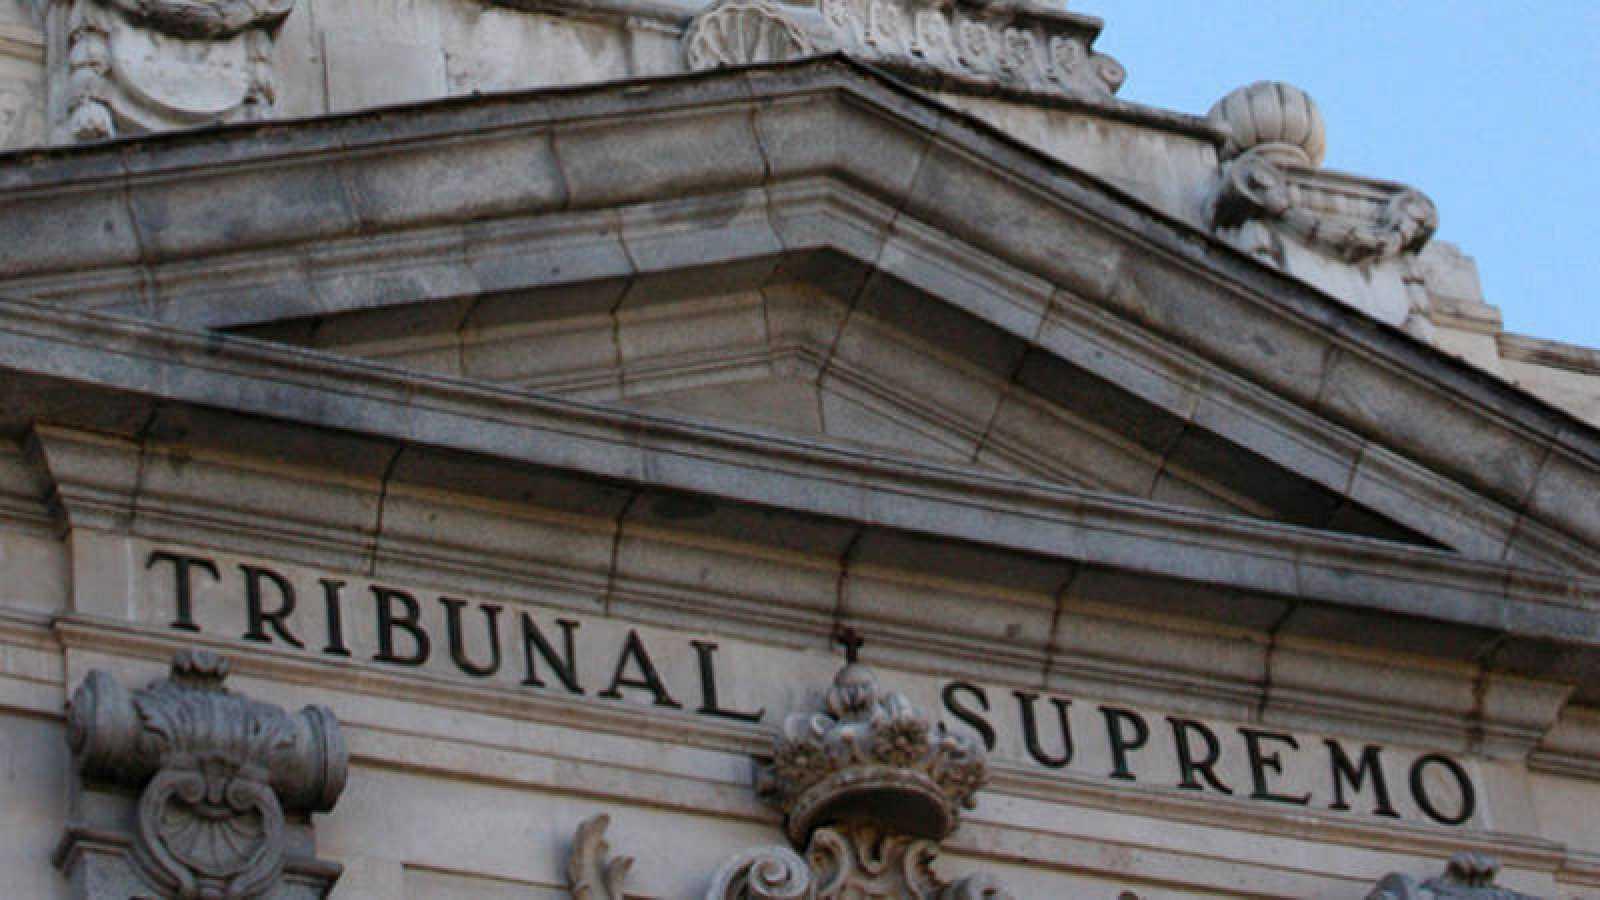 Detalle de la fachada del Tribunal Supremo